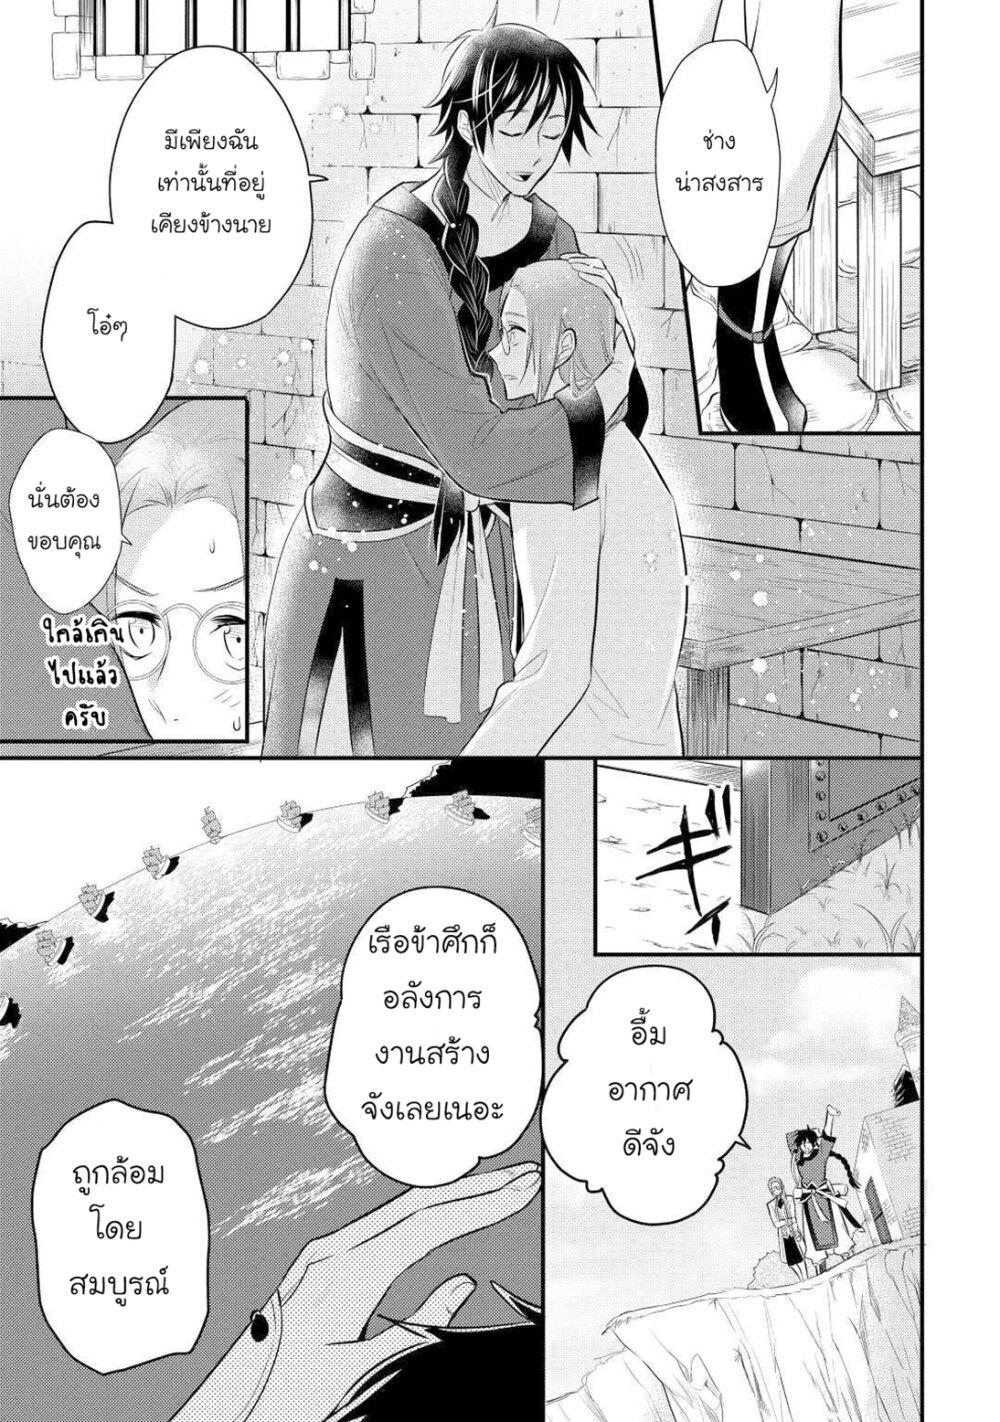 อ่านการ์ตูน Daites Ryou Koubouki ตอนที่ 25 หน้าที่ 21